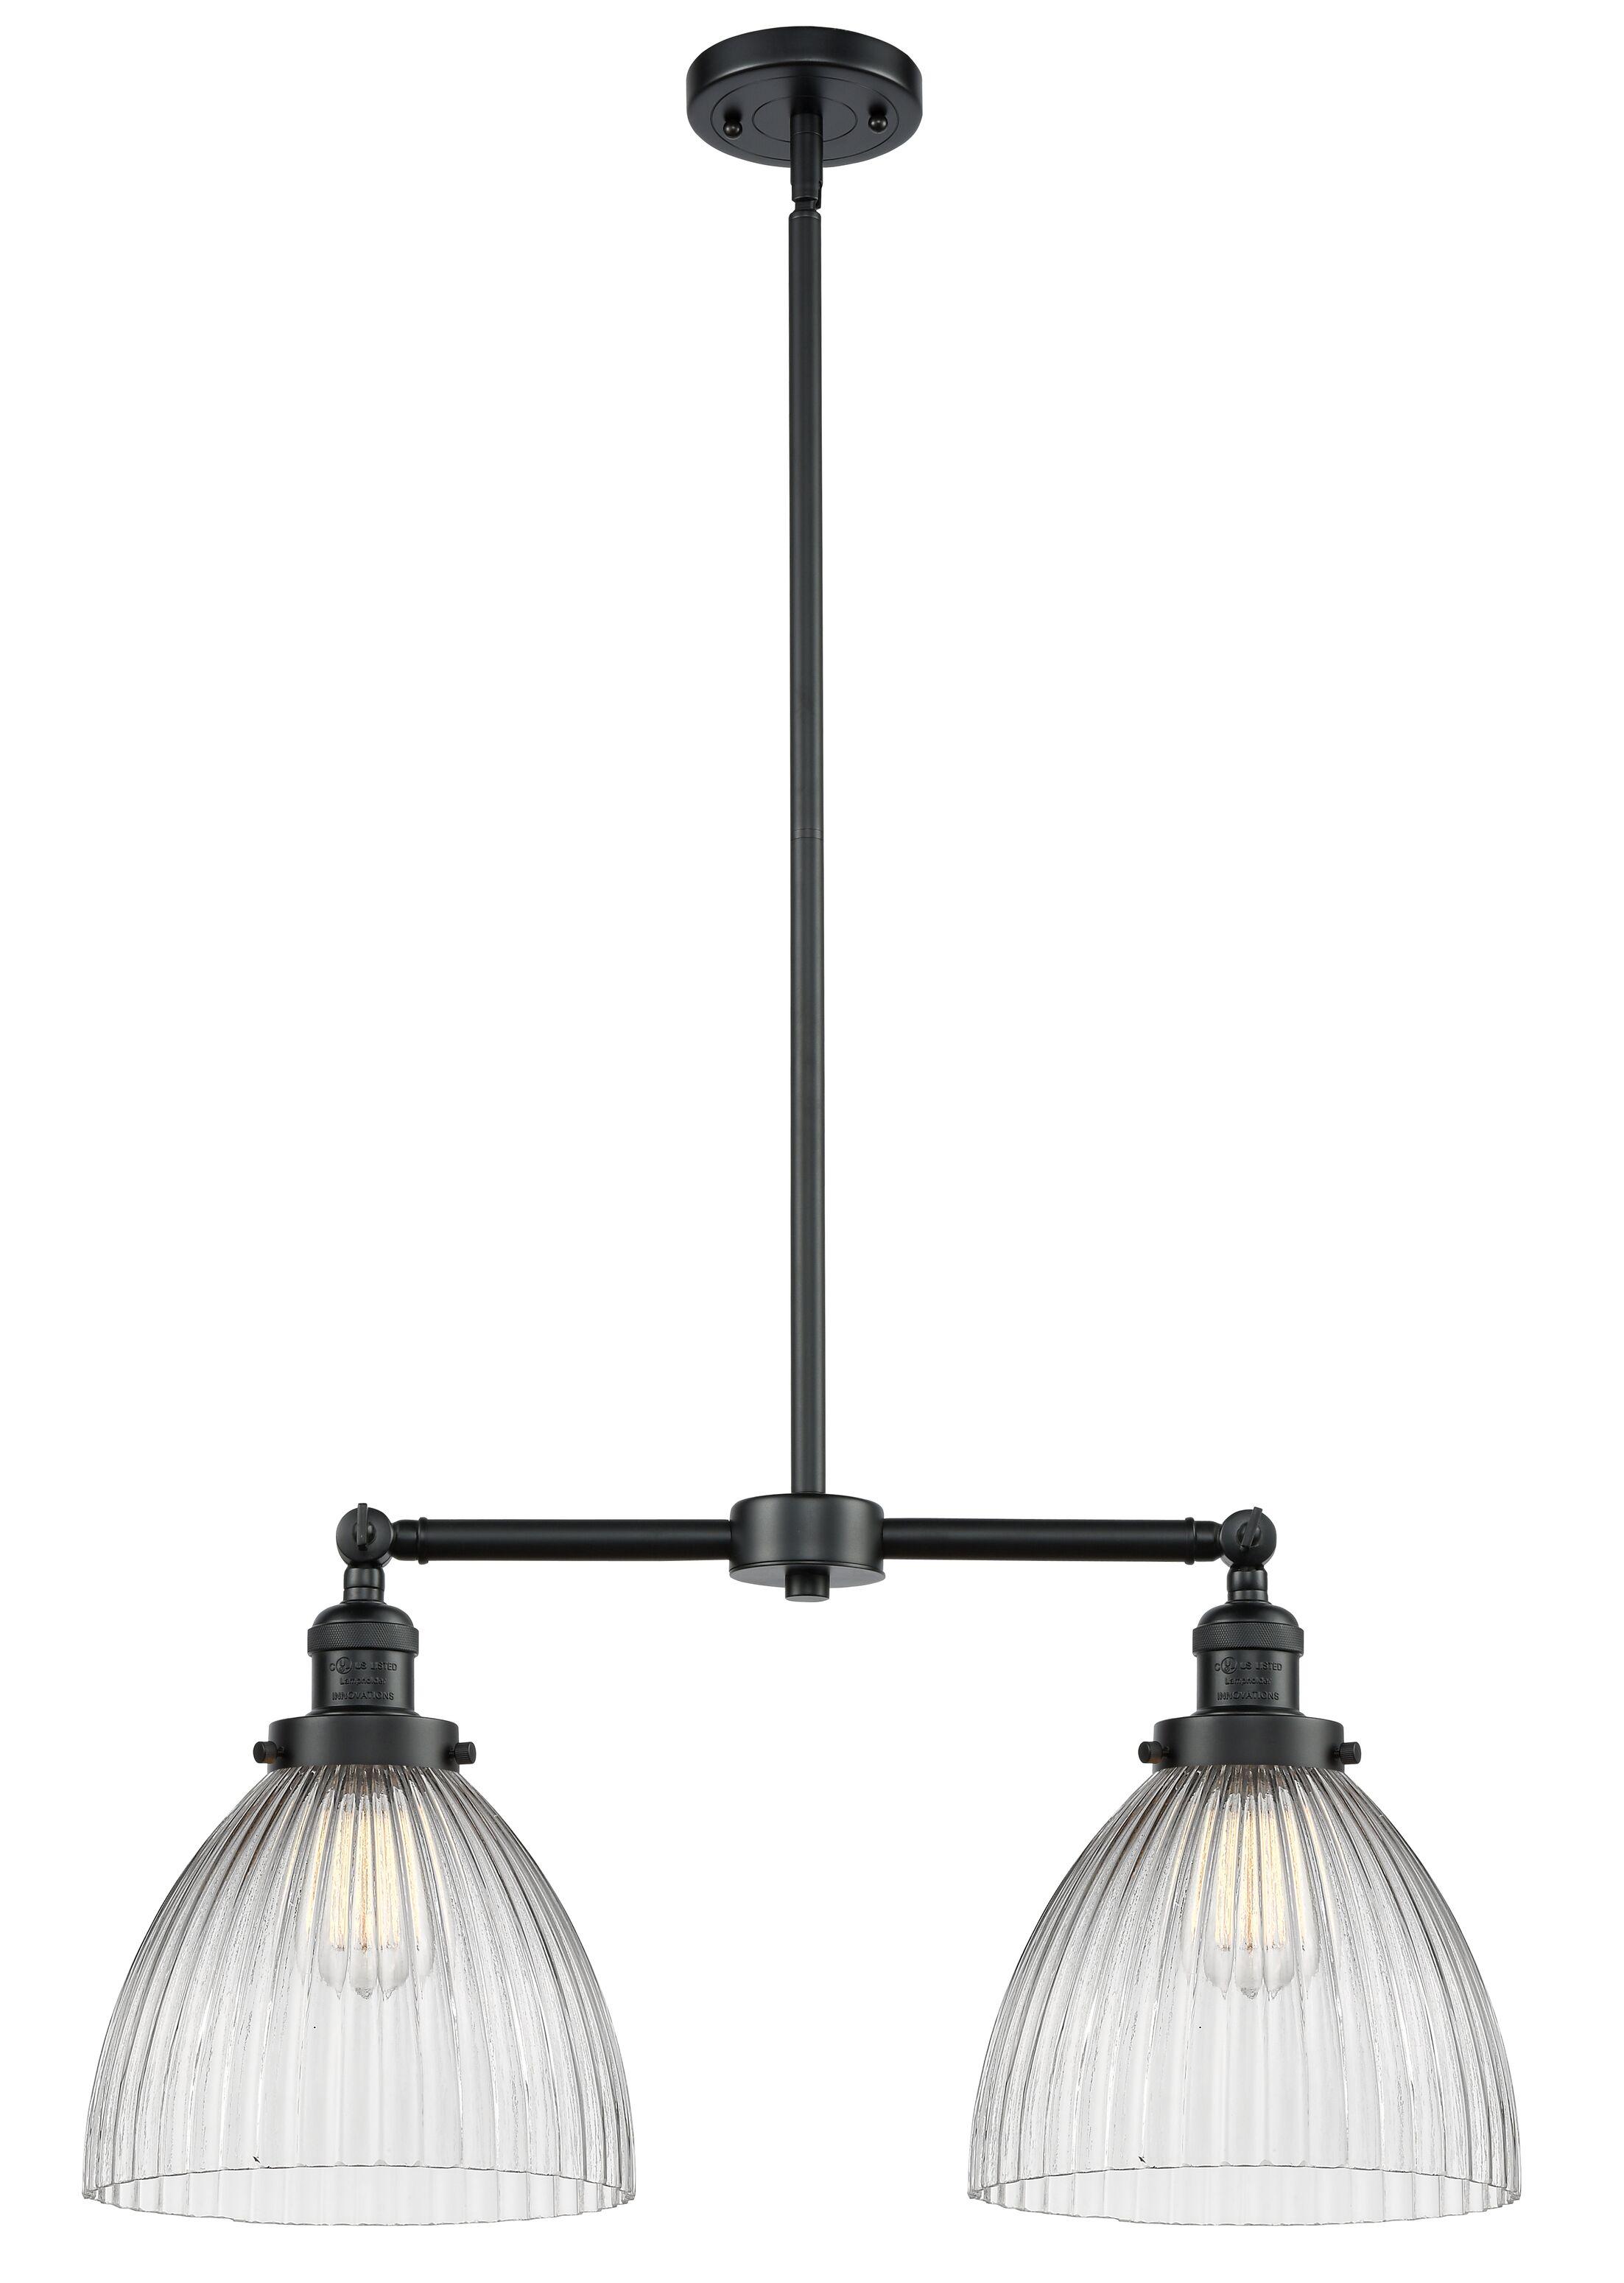 Tallulah 2-Light Kitchen Island Pendant Bulb Type: LED, Finish: Oil Rubbed Bronze